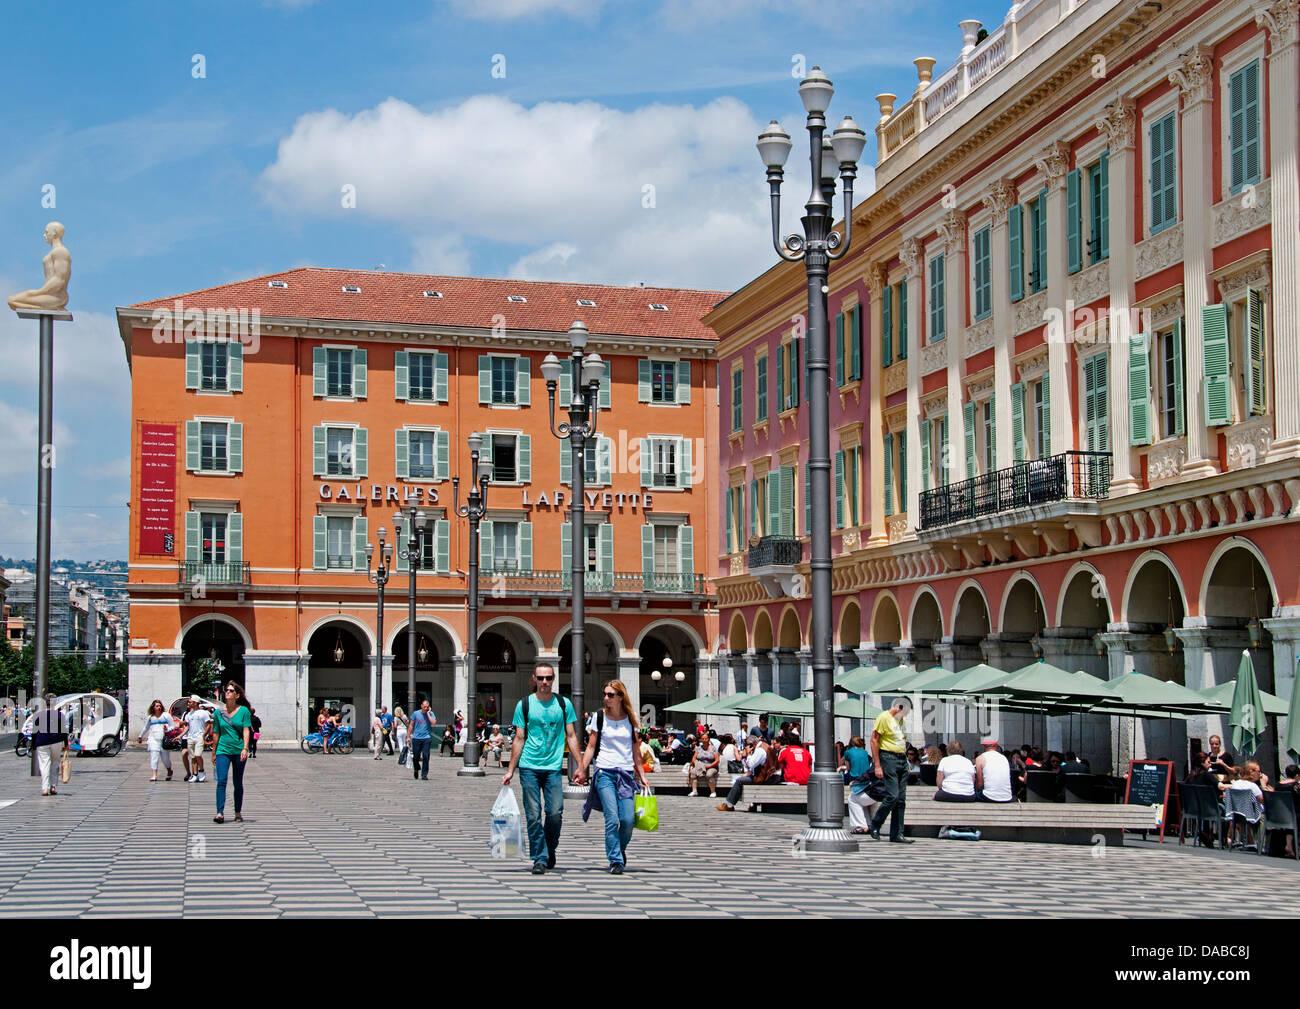 Galeries lafayette nice place massena french riviera cote d 39 azur stock photo royalty free image - Place massena nice ...